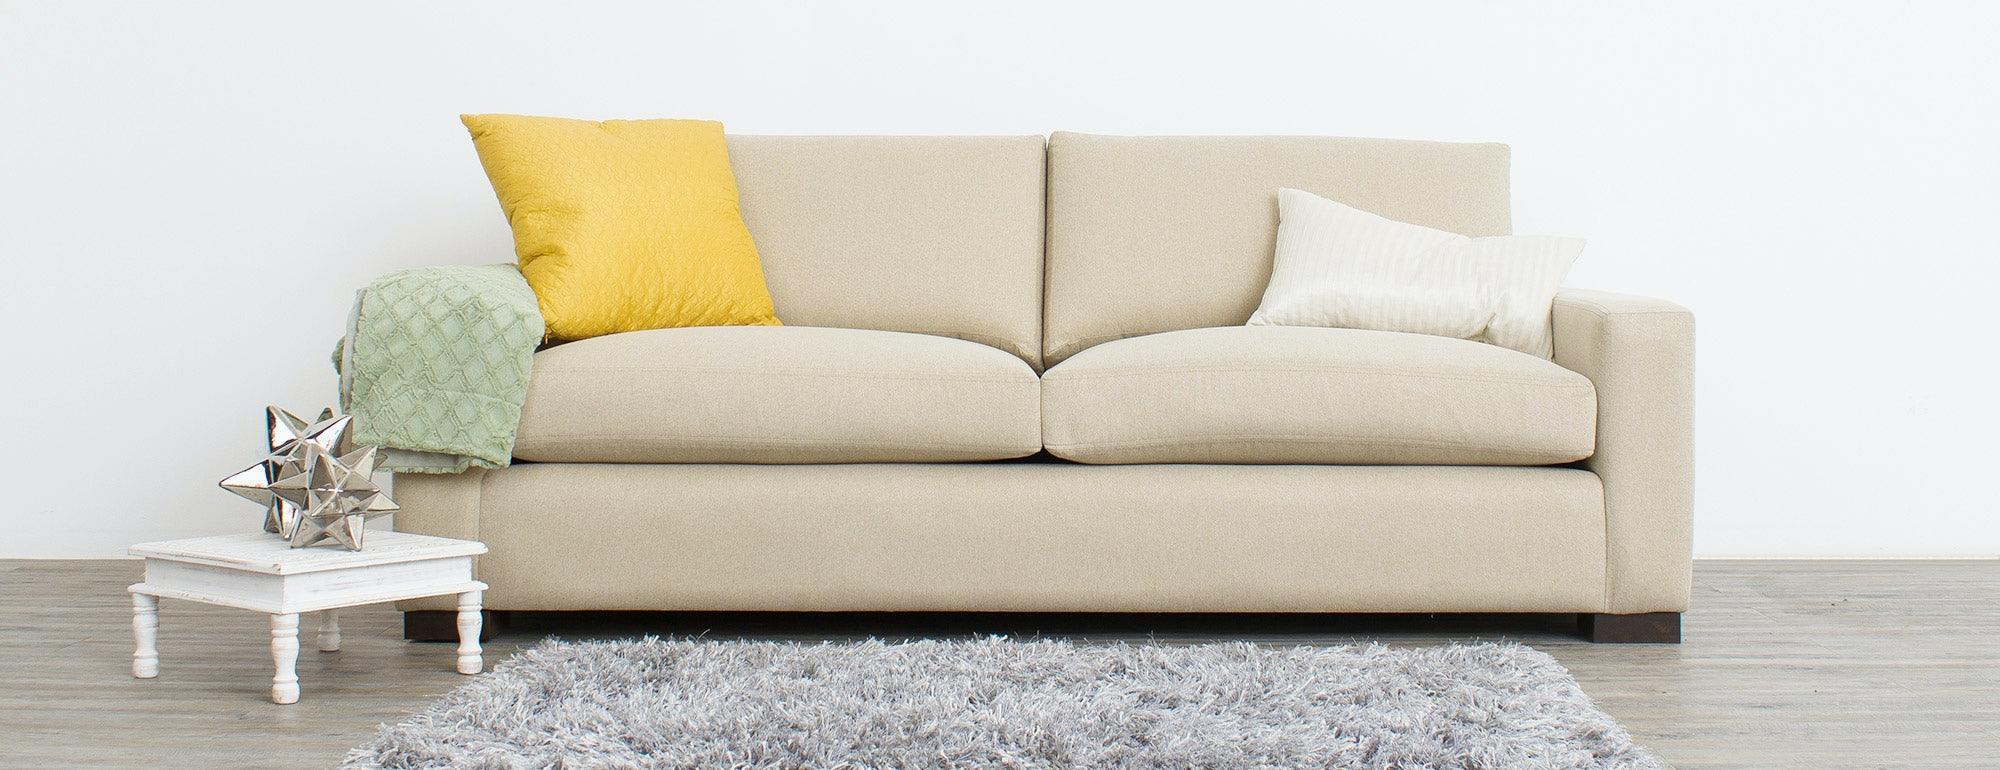 hero anton sofa